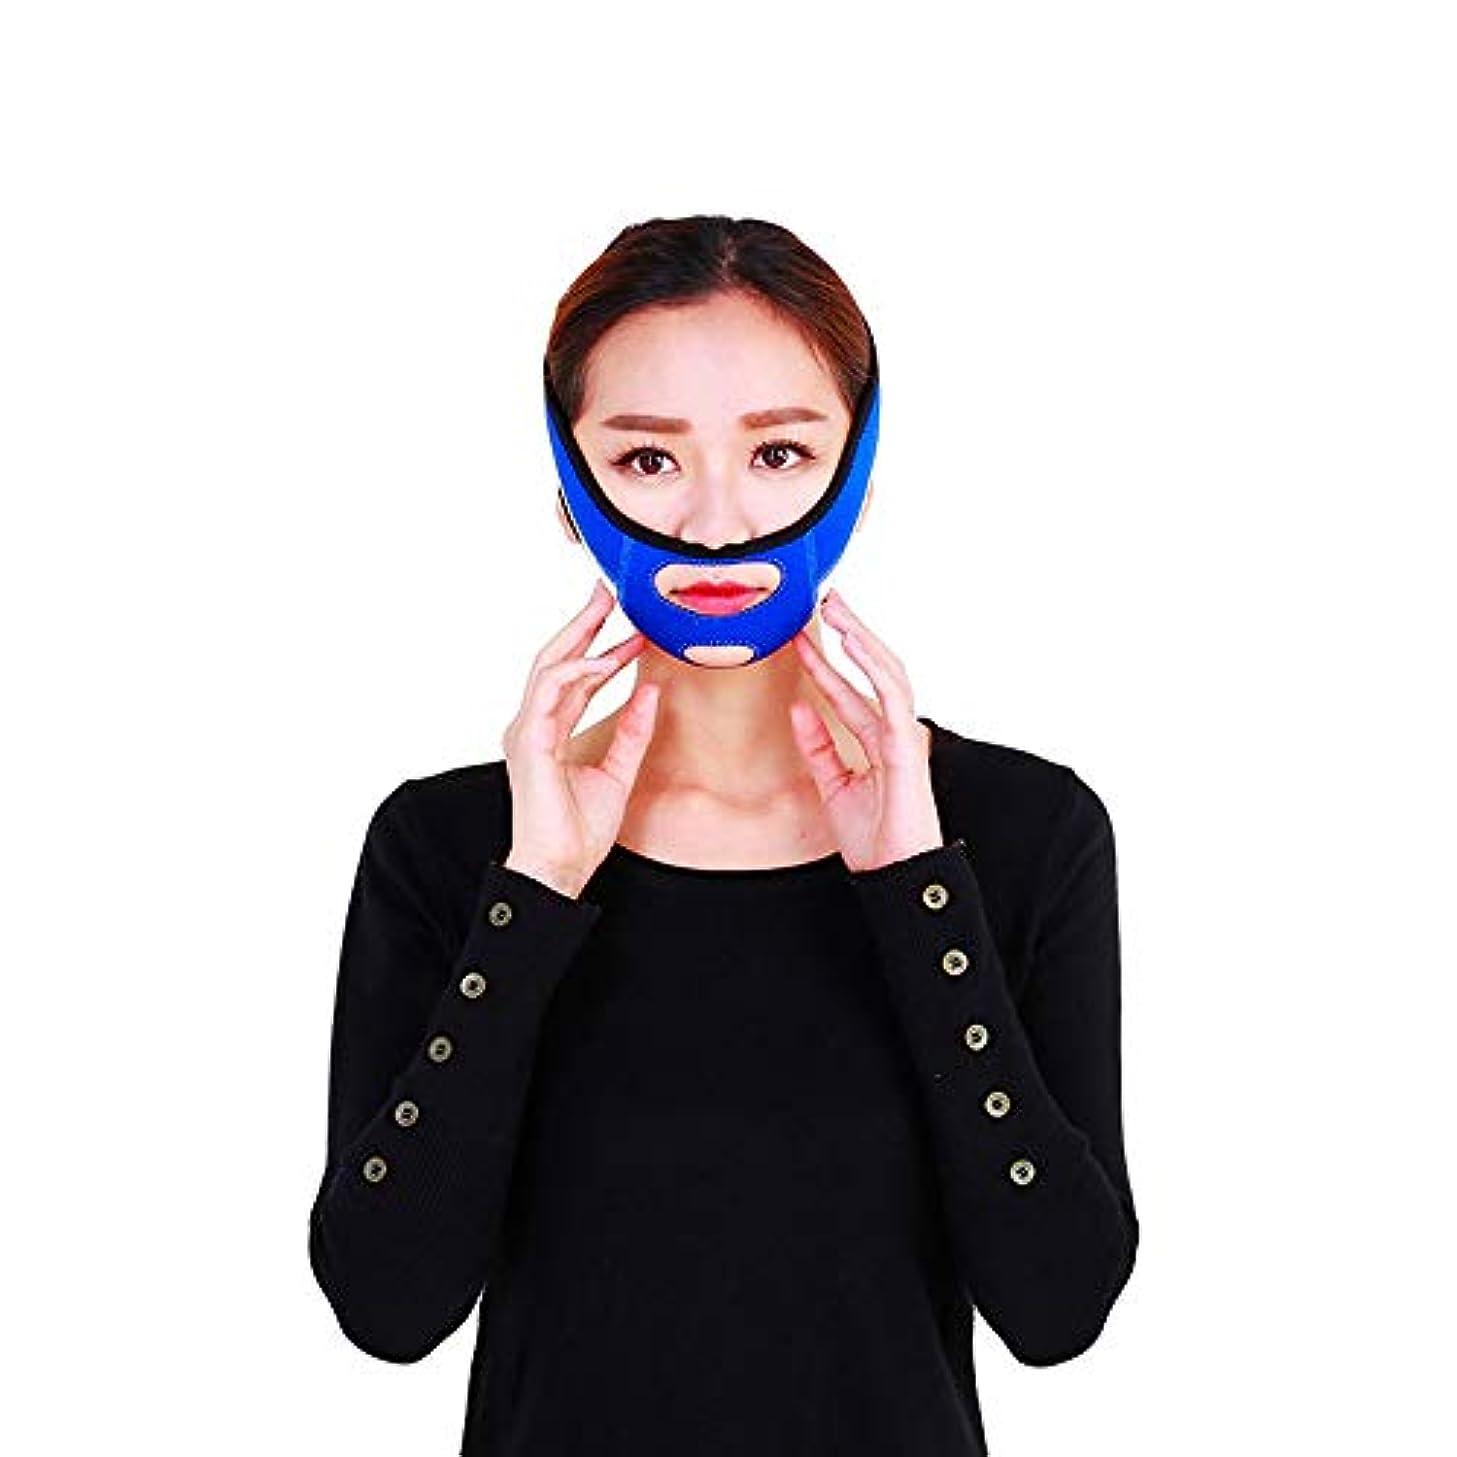 過度の発信退屈フェイシャルリフティング痩身ベルトフェーススリム二重あごを取り除くアンチエイジングリンクルフェイス包帯マスク整形マスクが顔を引き締める